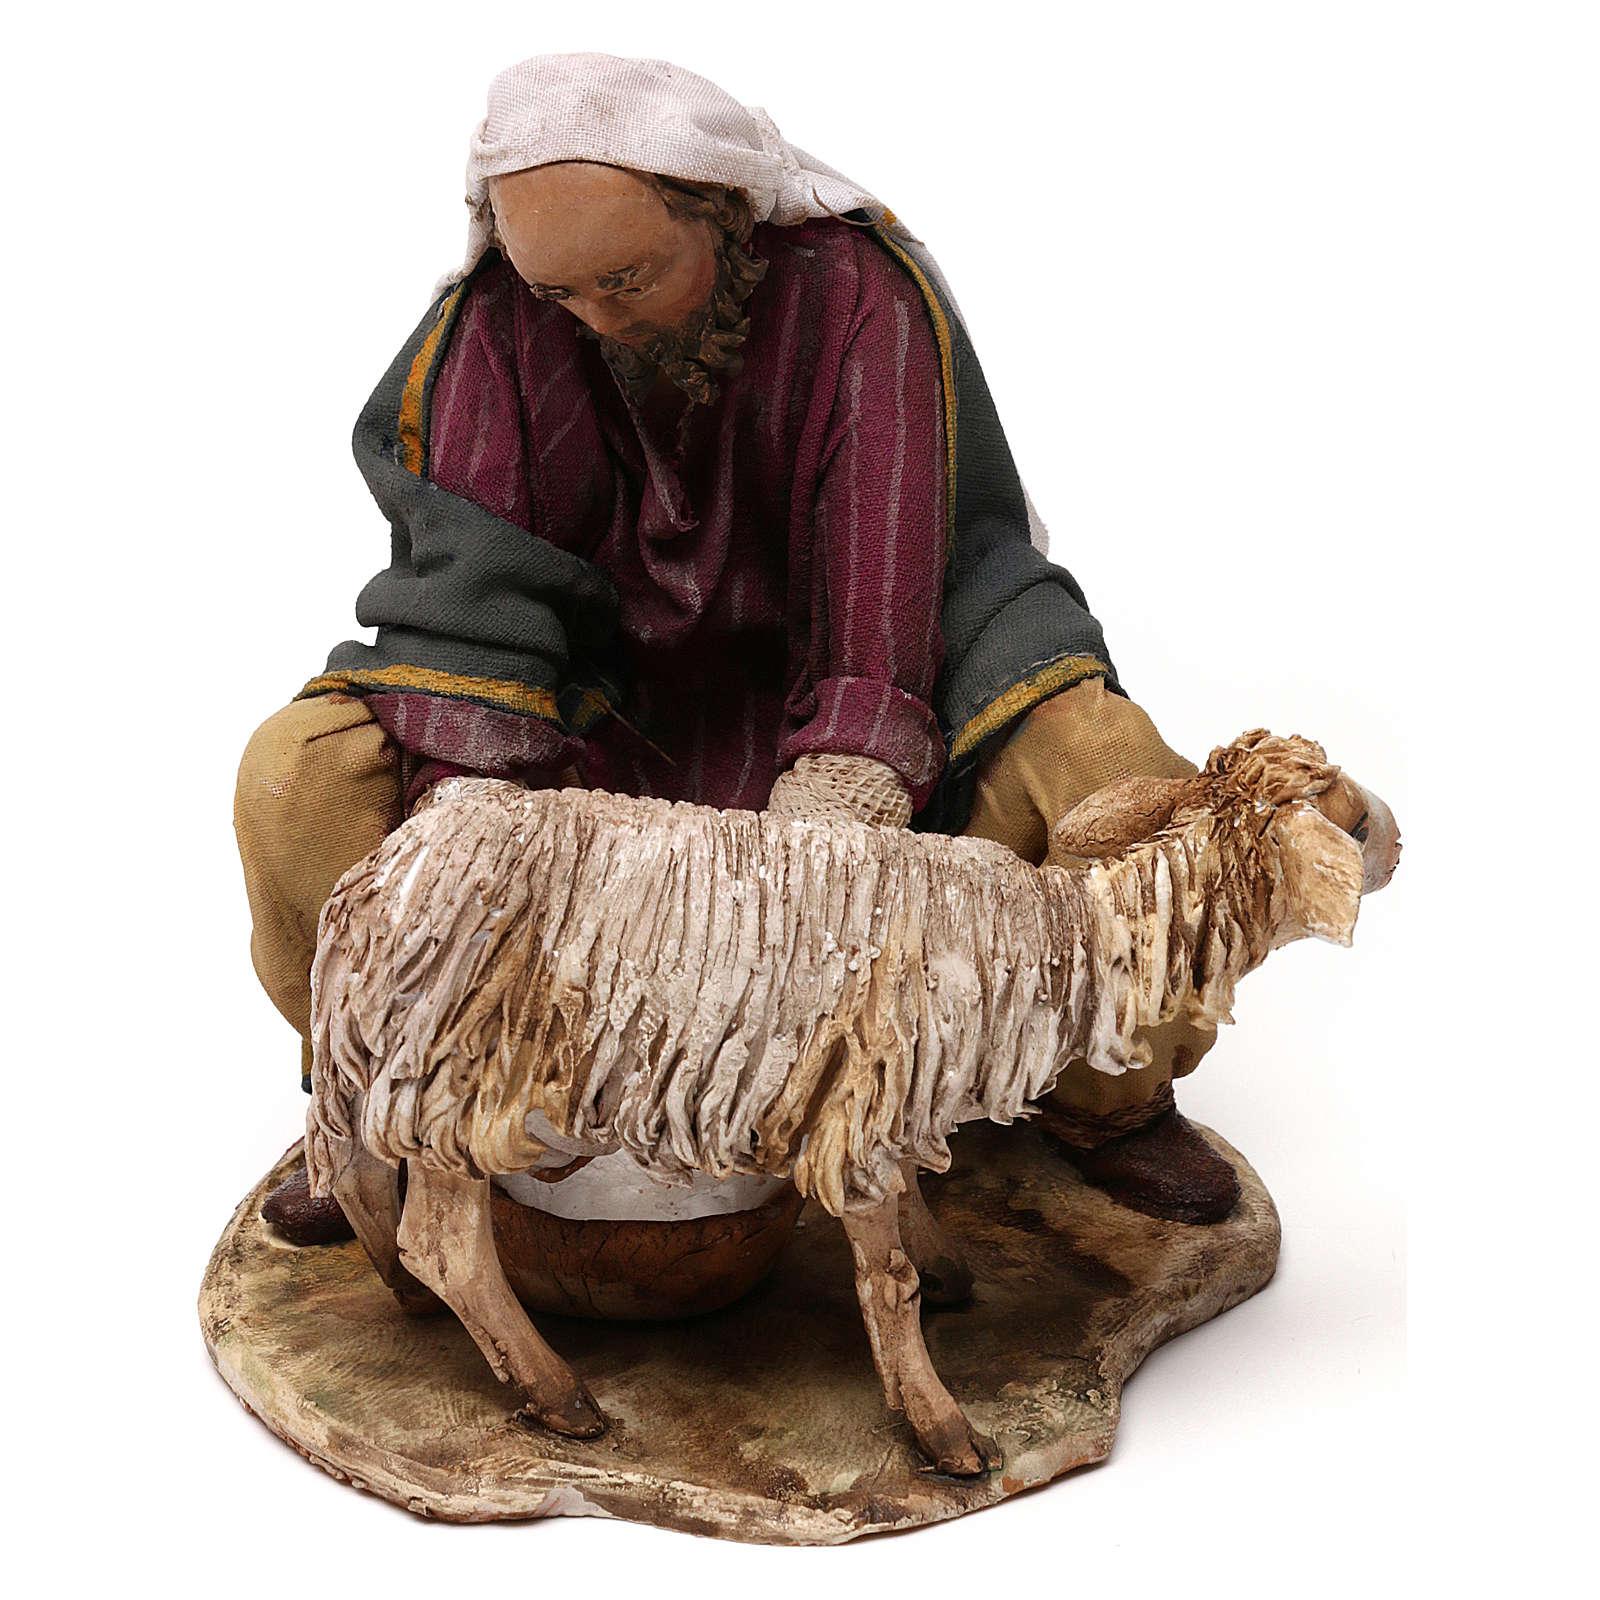 Pastore che munge terracotta 13 cm Angela Tripi 4